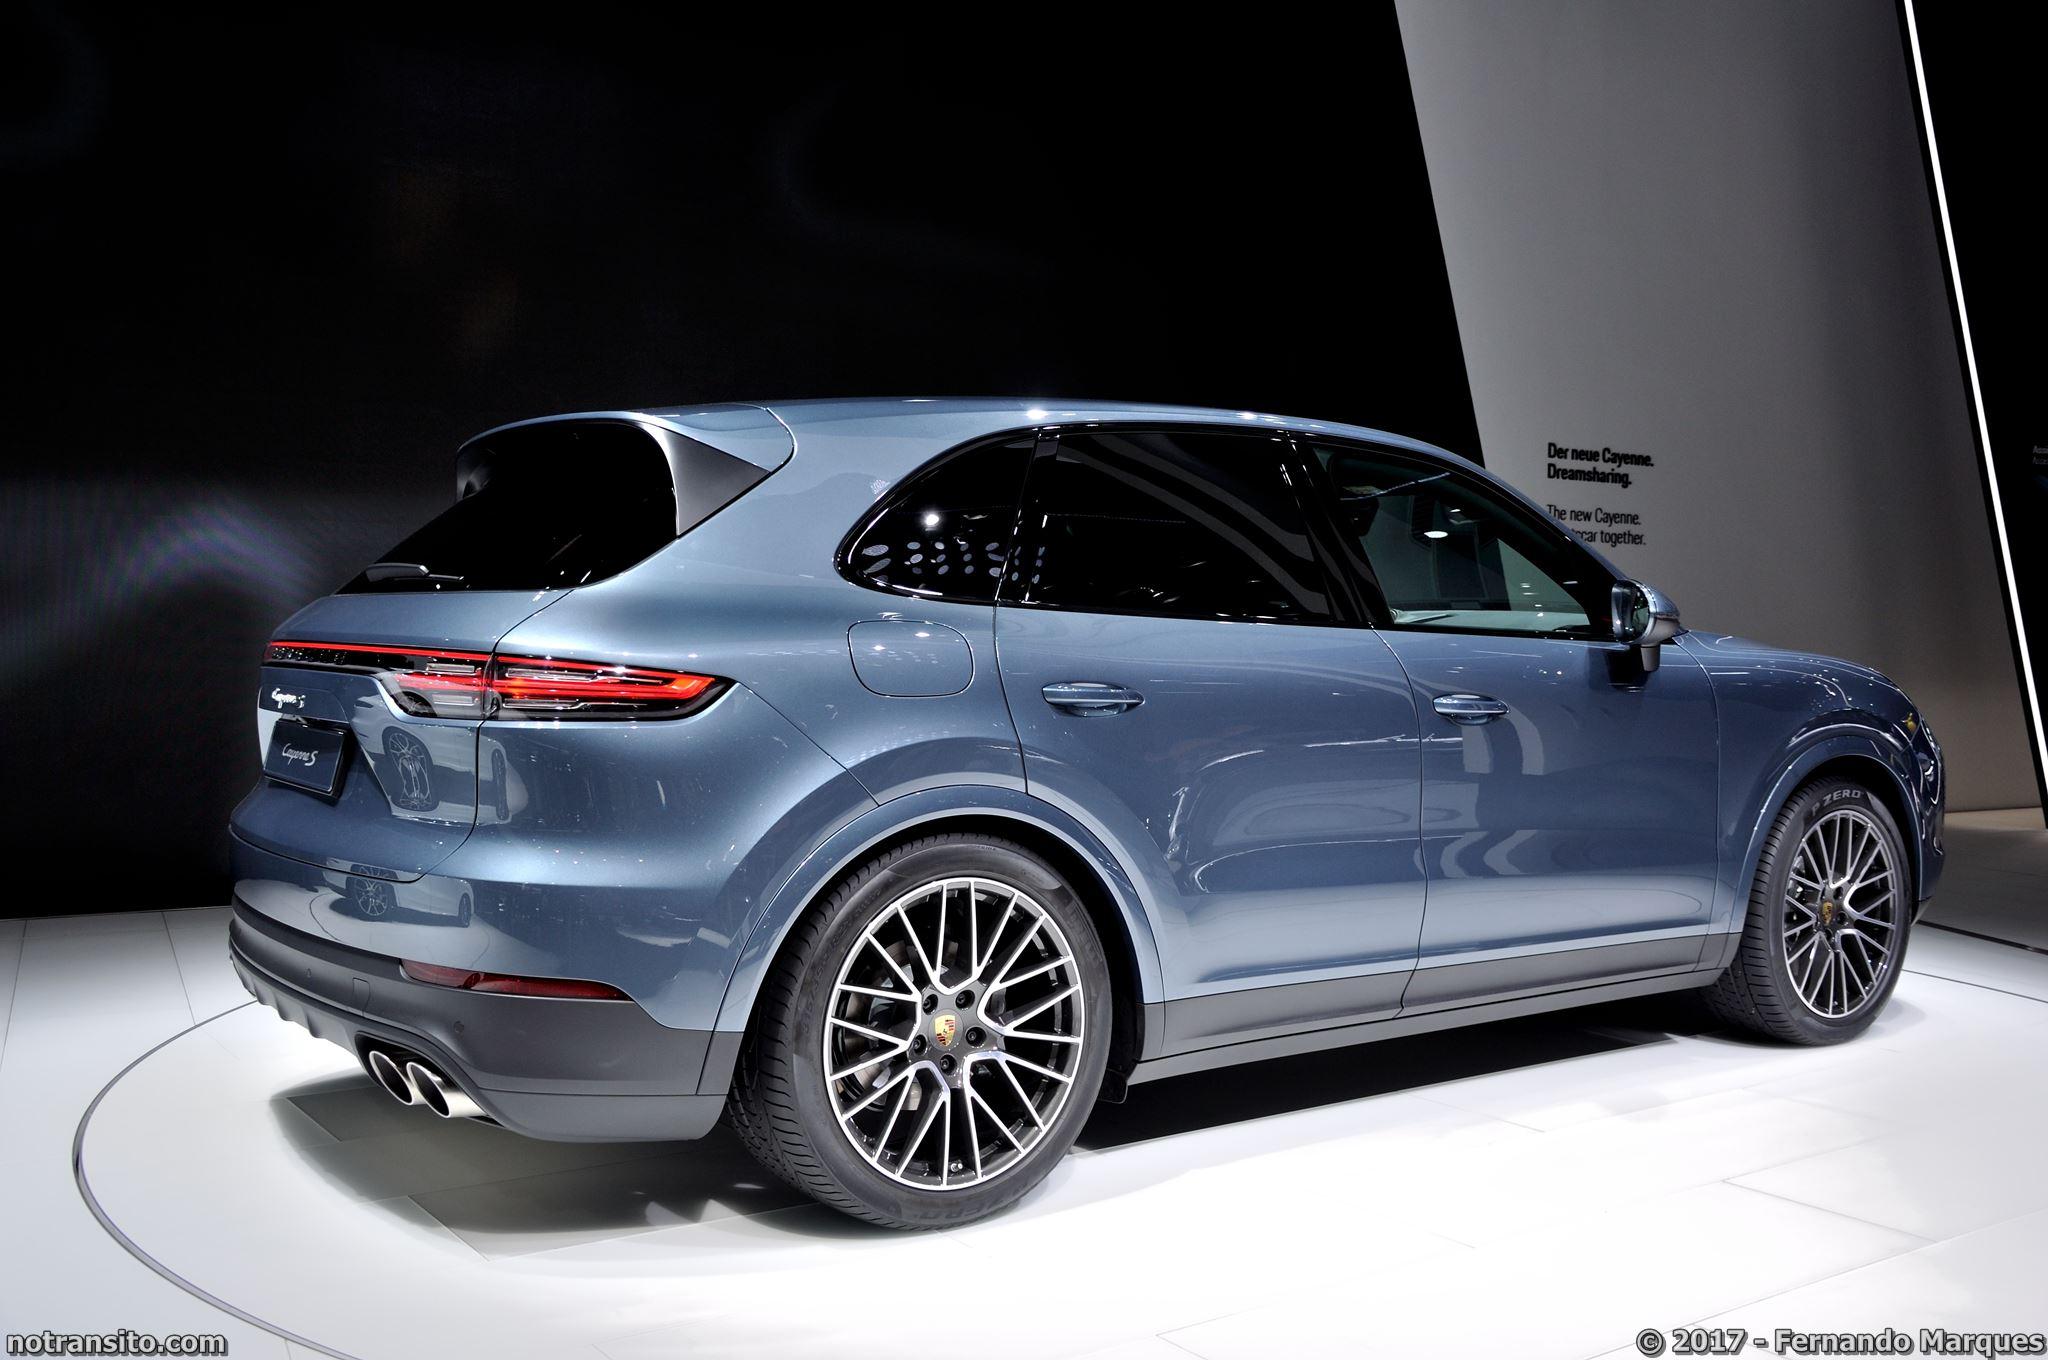 Porsche-Cayenne-Turbo-Frankfurt-2017-011